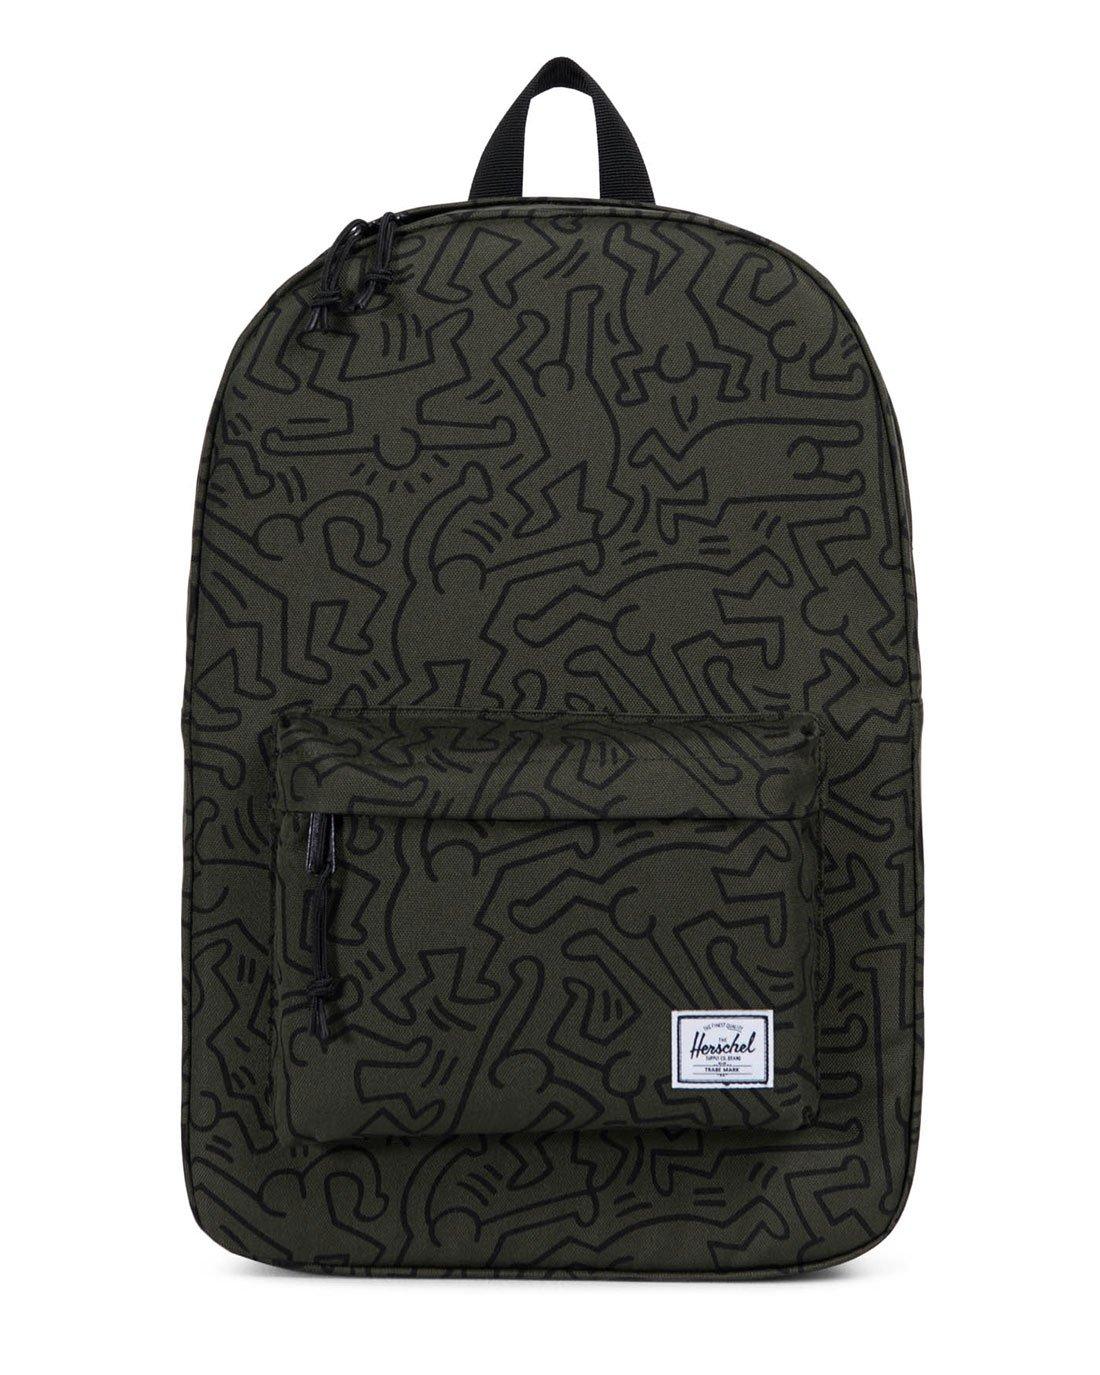 Herschel Winlaw Rugzak Keith Haring Forest Grün